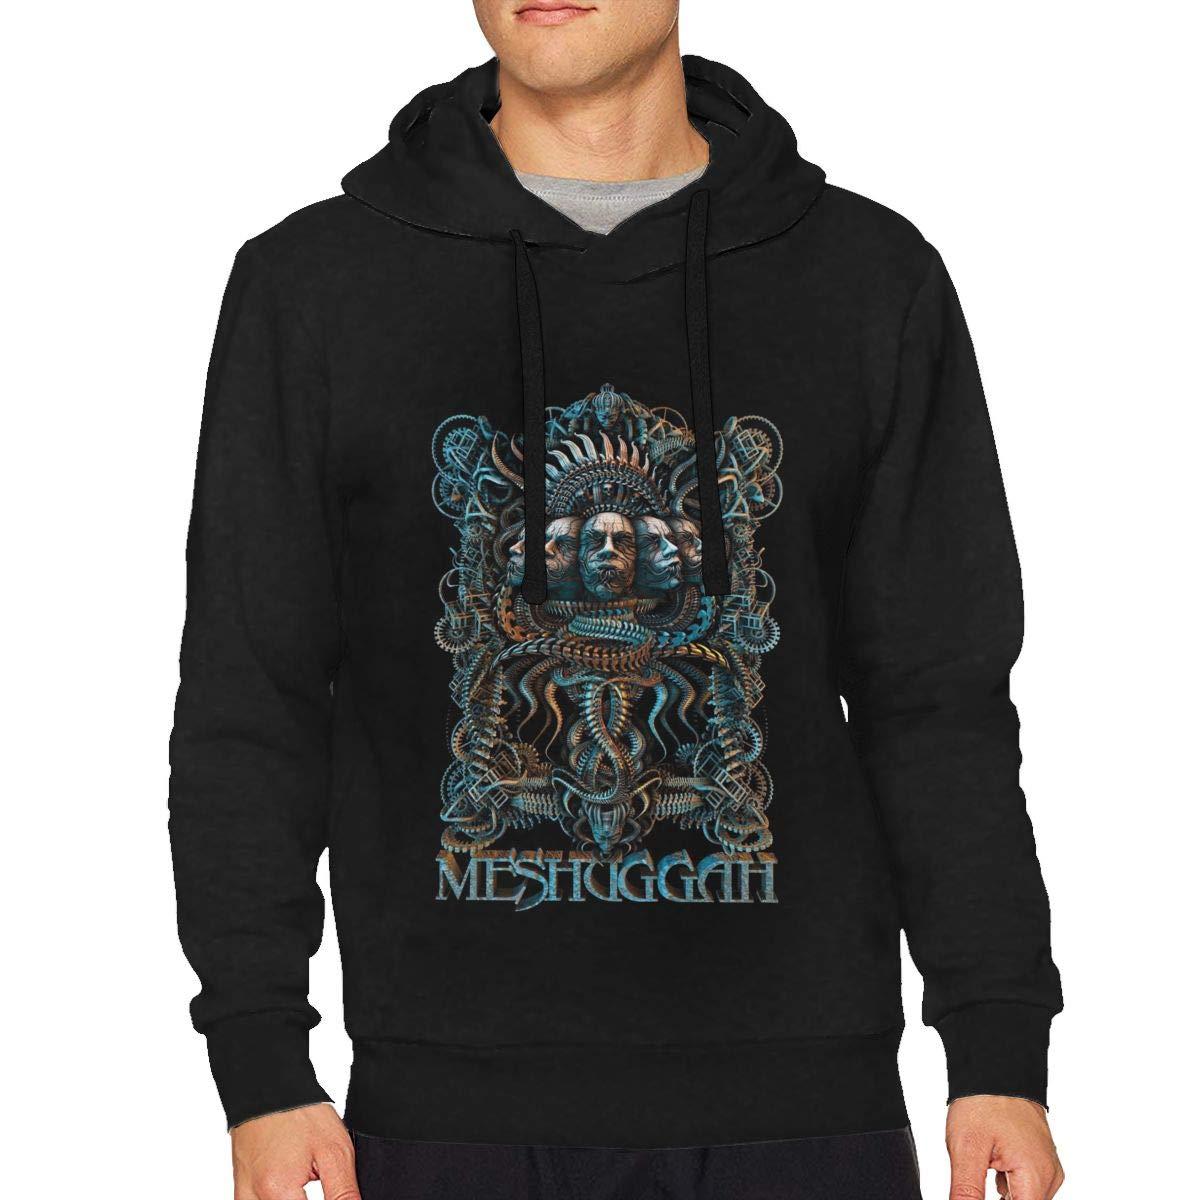 AntoinetteJackson Men's Hoodie Tops for Man Black Sweatshirt